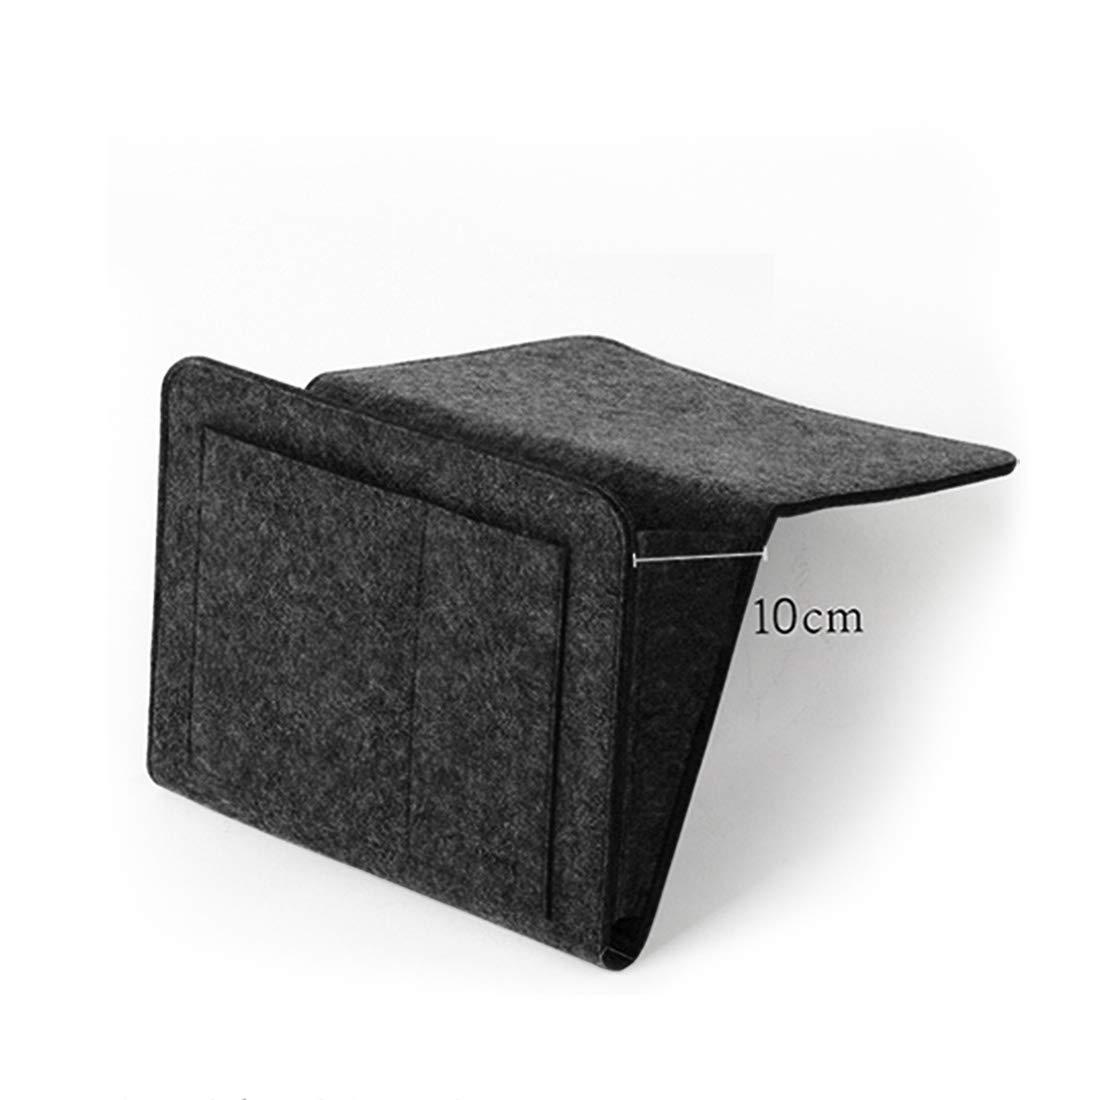 Lunettes Stylo Livre homelikesport Sac de Chevet avec 5 Poches pour t/él/écommande iPad t/él/éphone Portable